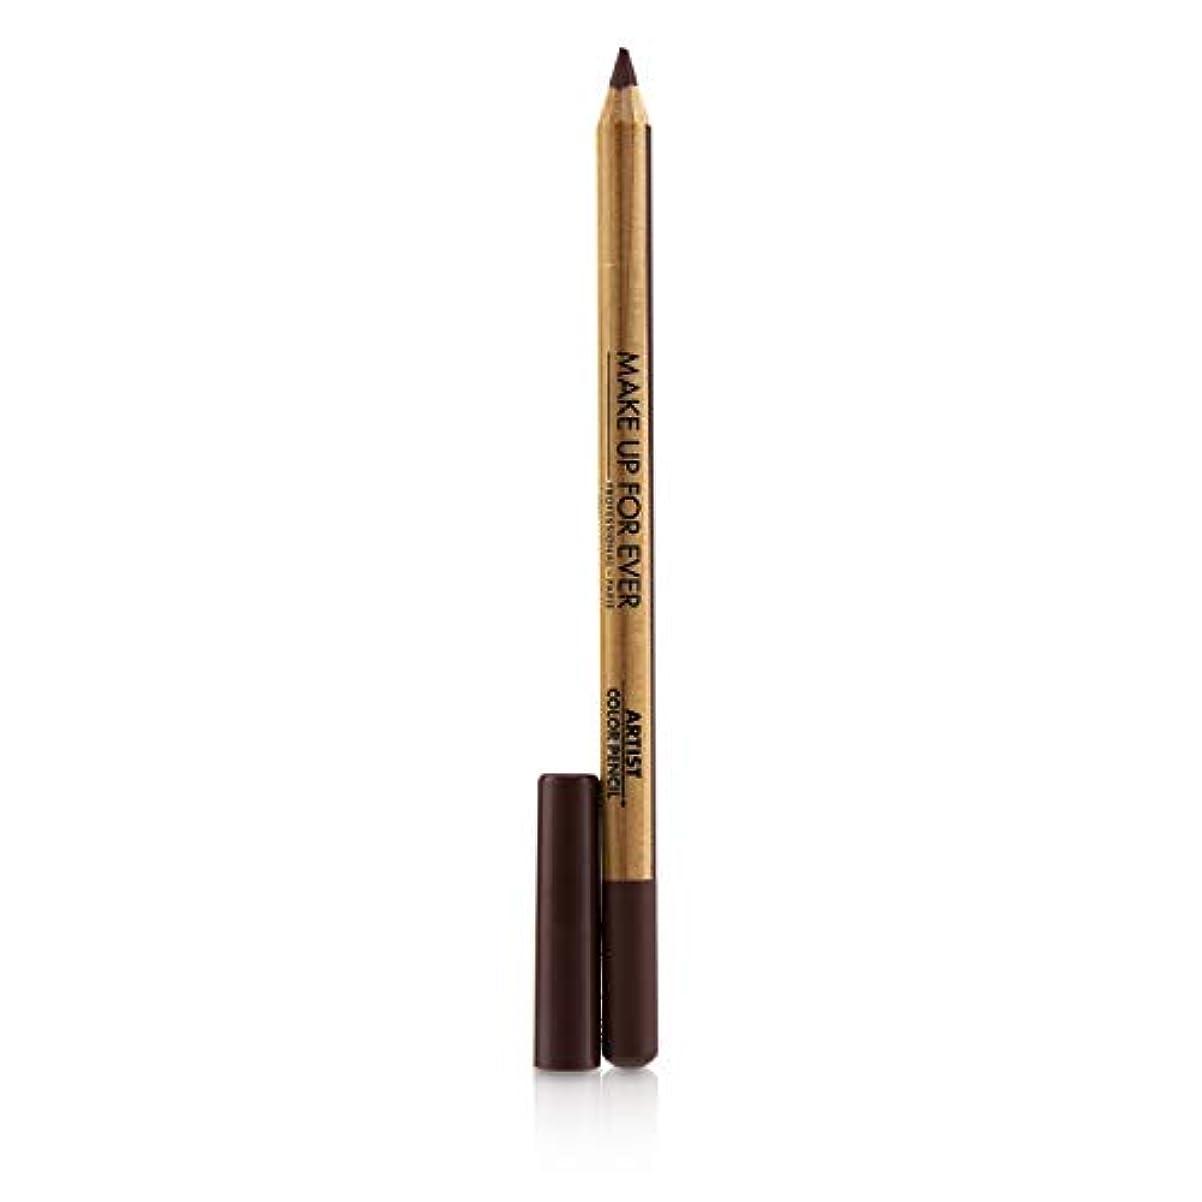 教え類推降臨メイクアップフォーエバー Artist Color Pencil - # 708 Universal Earth 1.41g/0.04oz並行輸入品